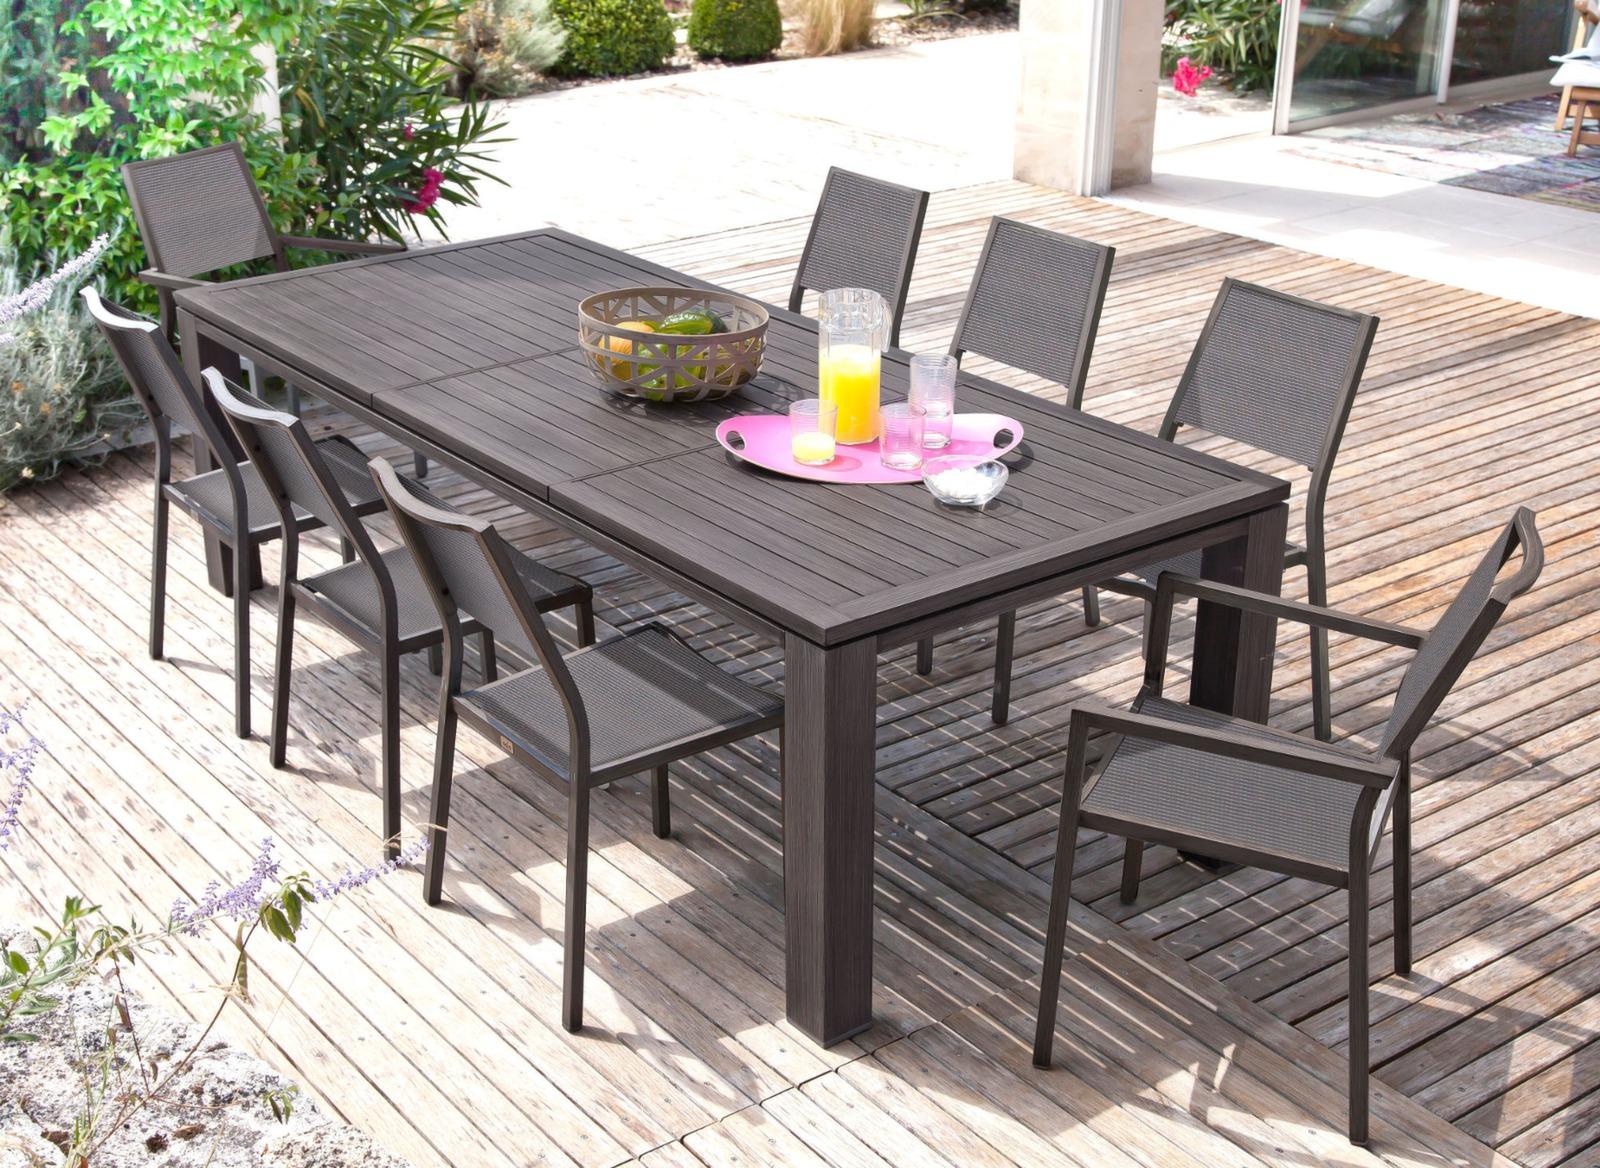 Chaise florence finition brush meuble de jardin proloisirs for Table exterieur design aluminium